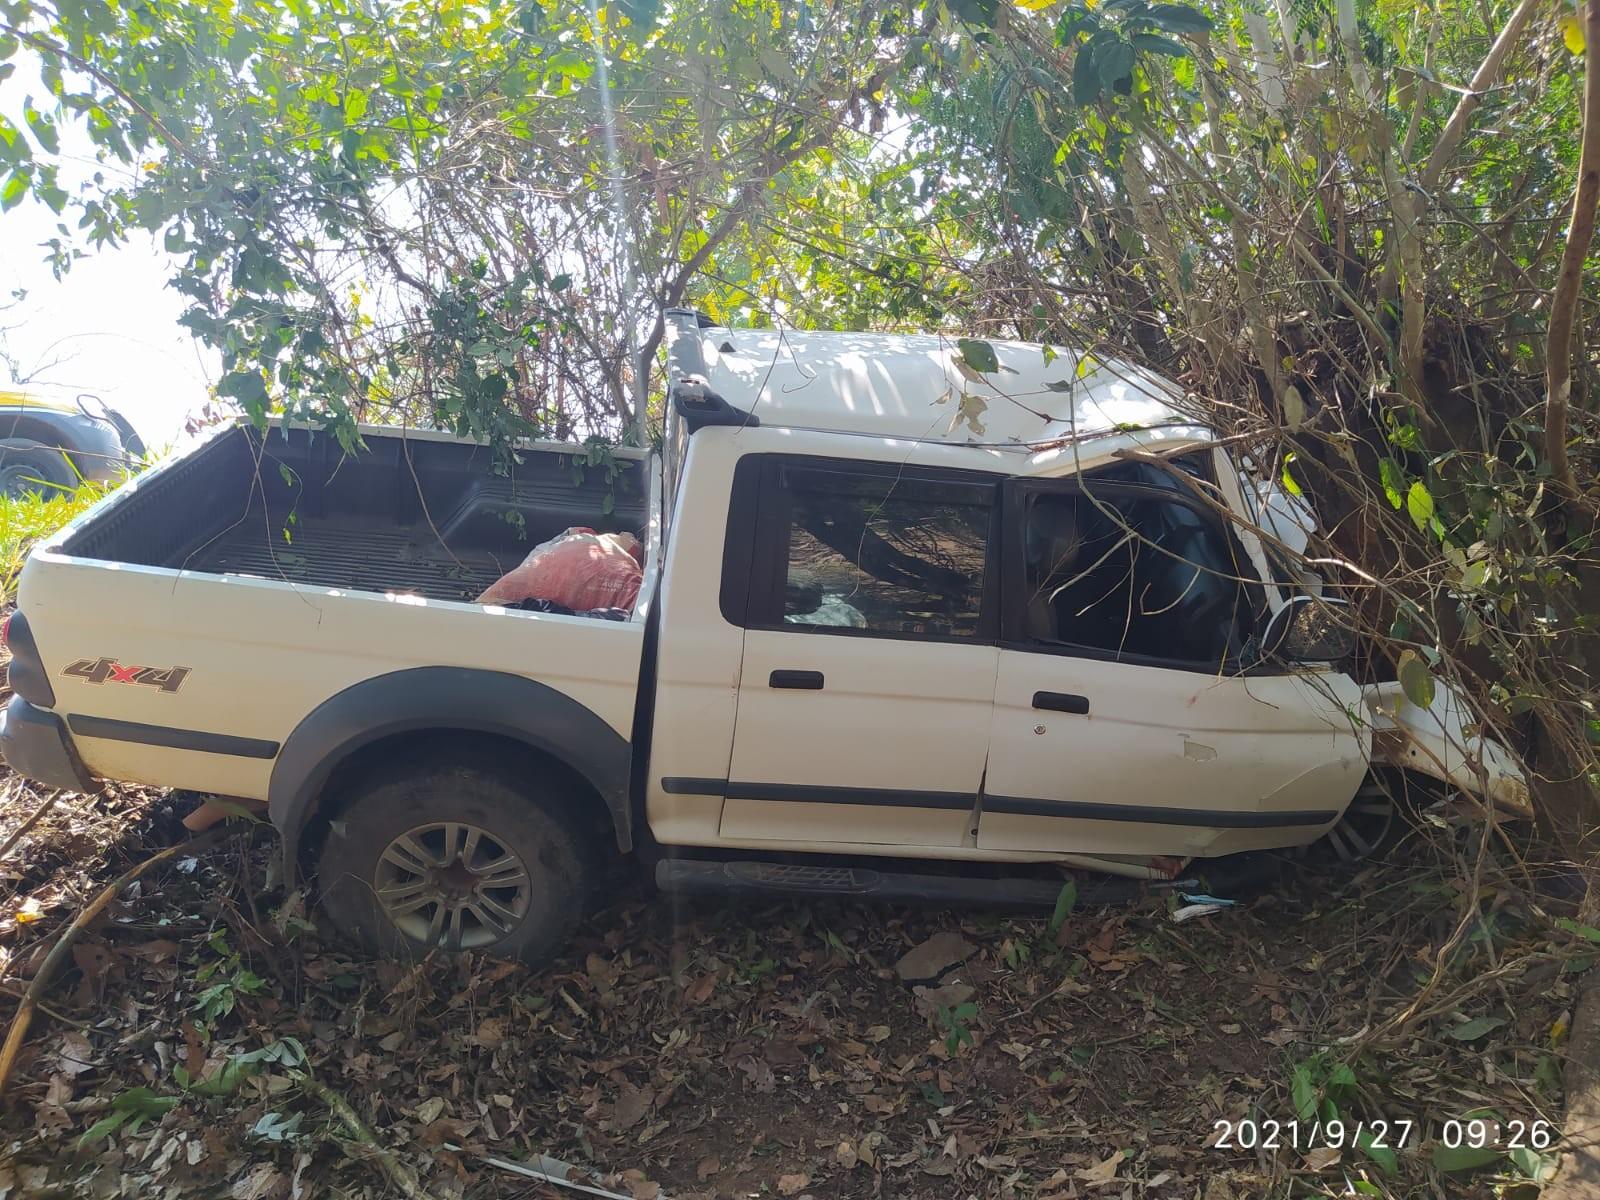 Adolescente de 14 anos fica em estado grave após caminhonete sair da rodovia e bater em árvore no Acre